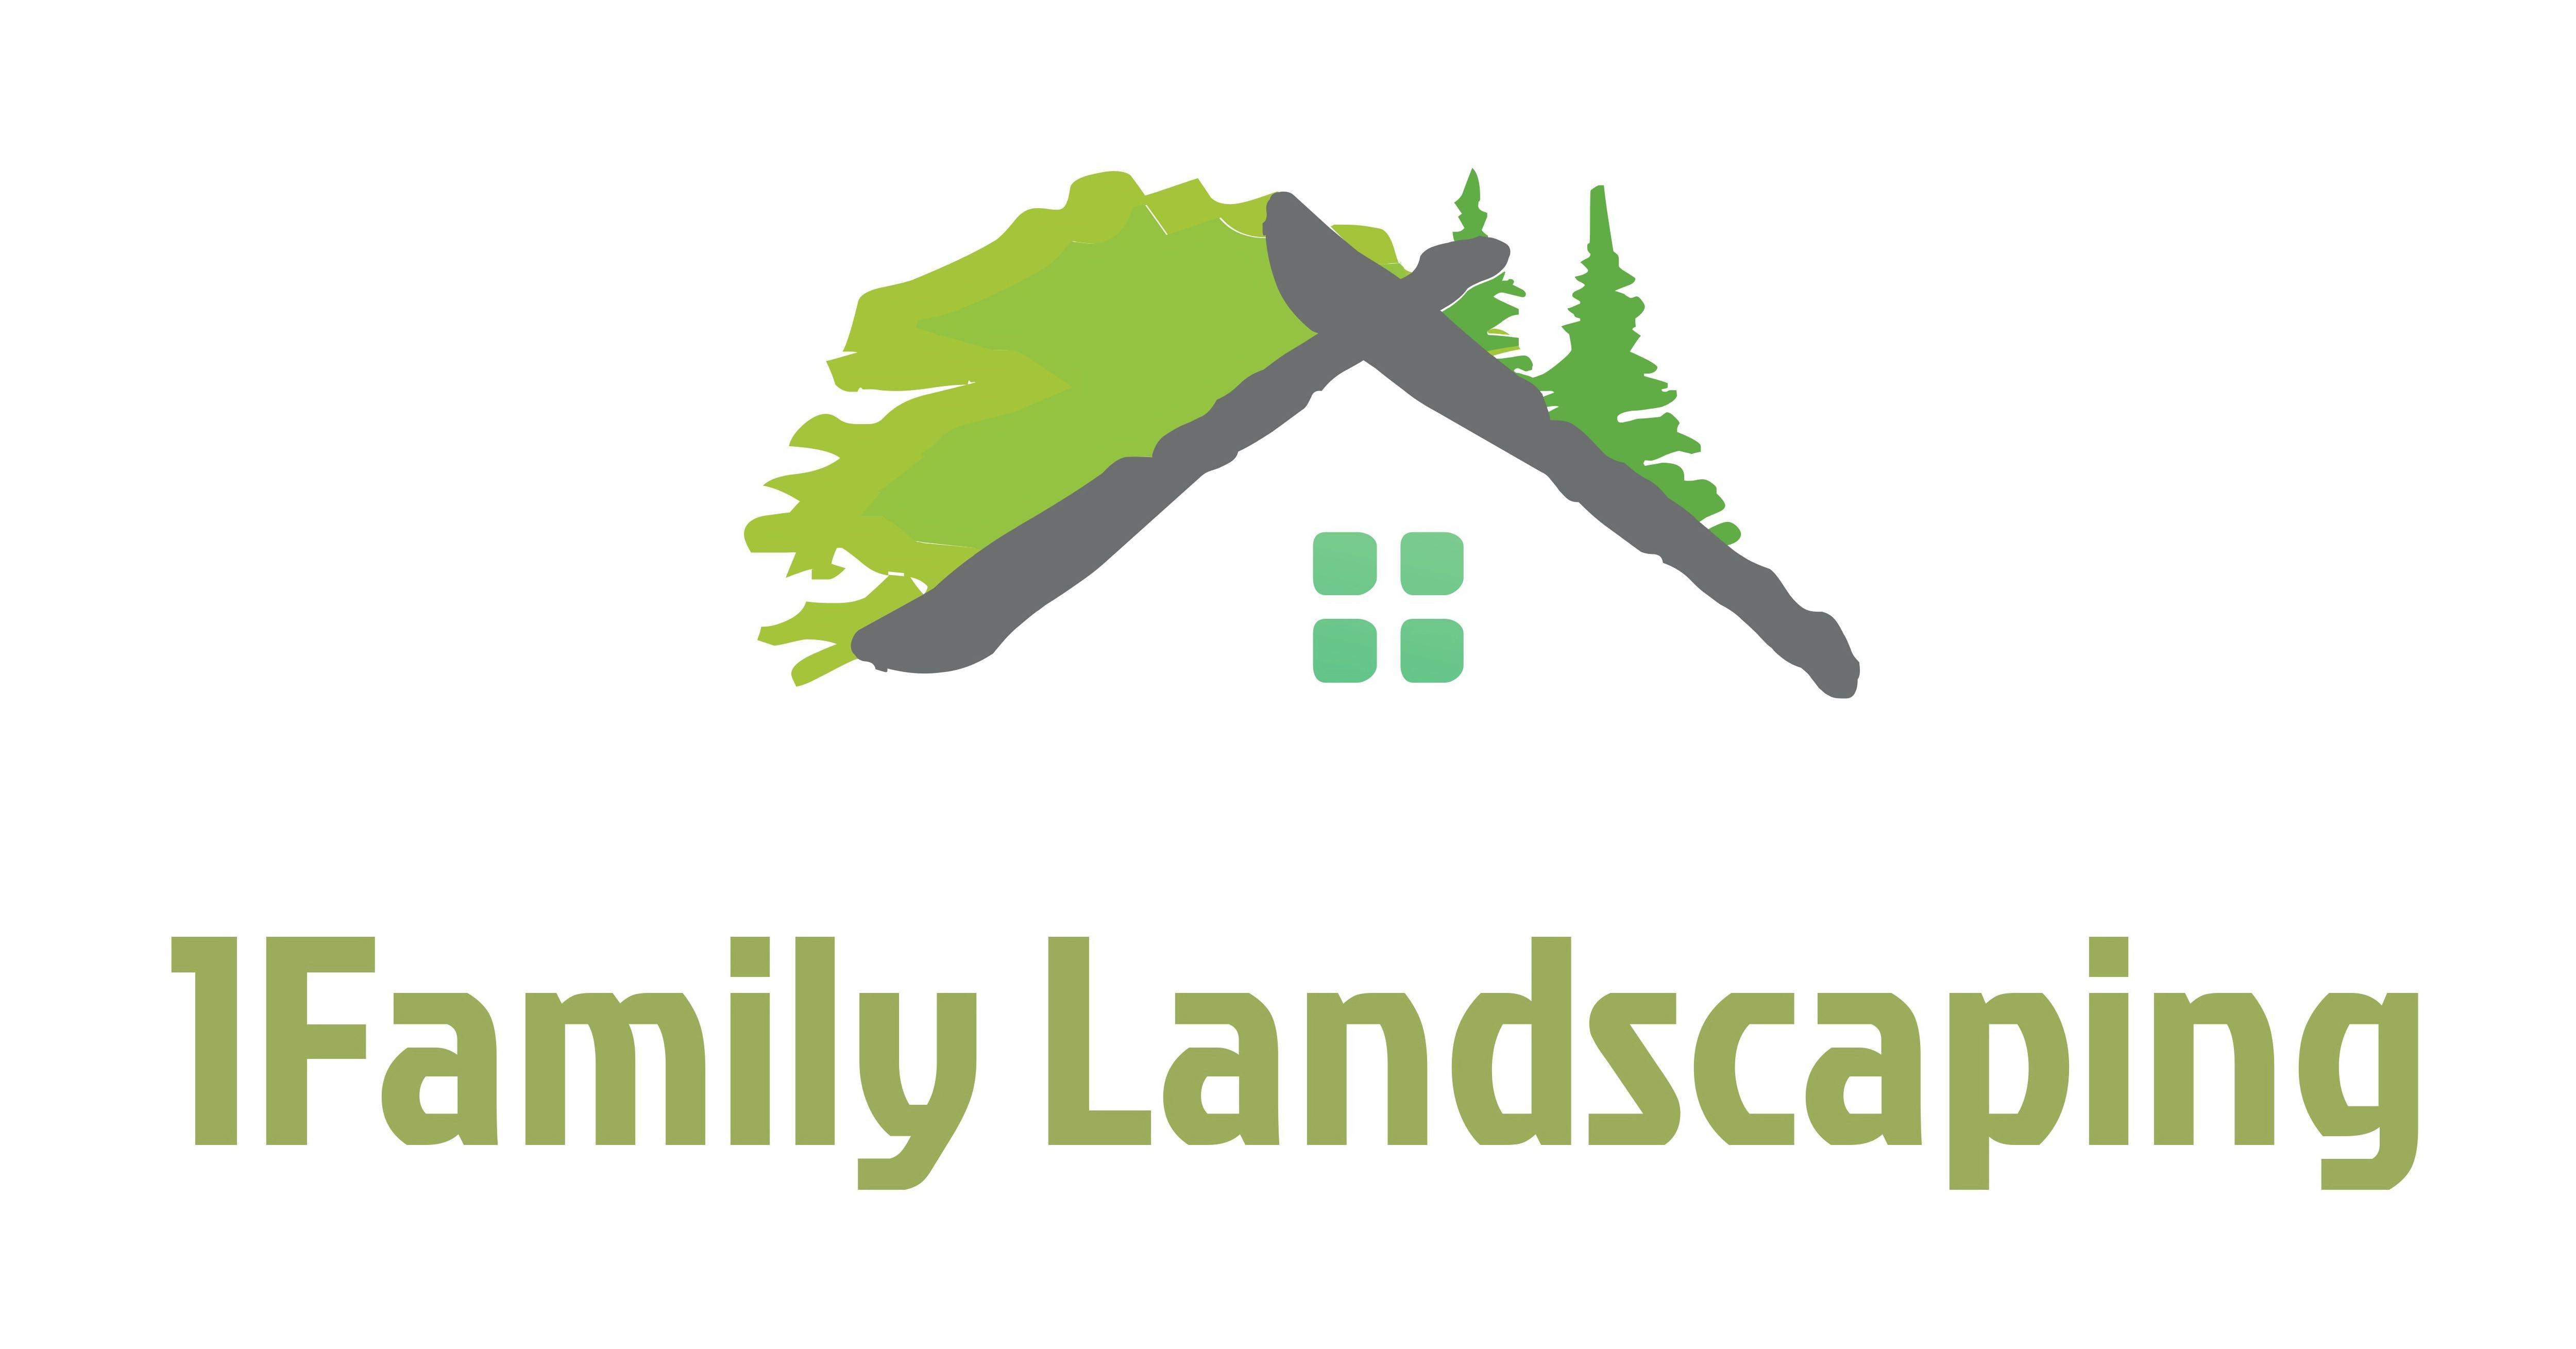 Trademark Logo 1FAMILY LANDSCAPING